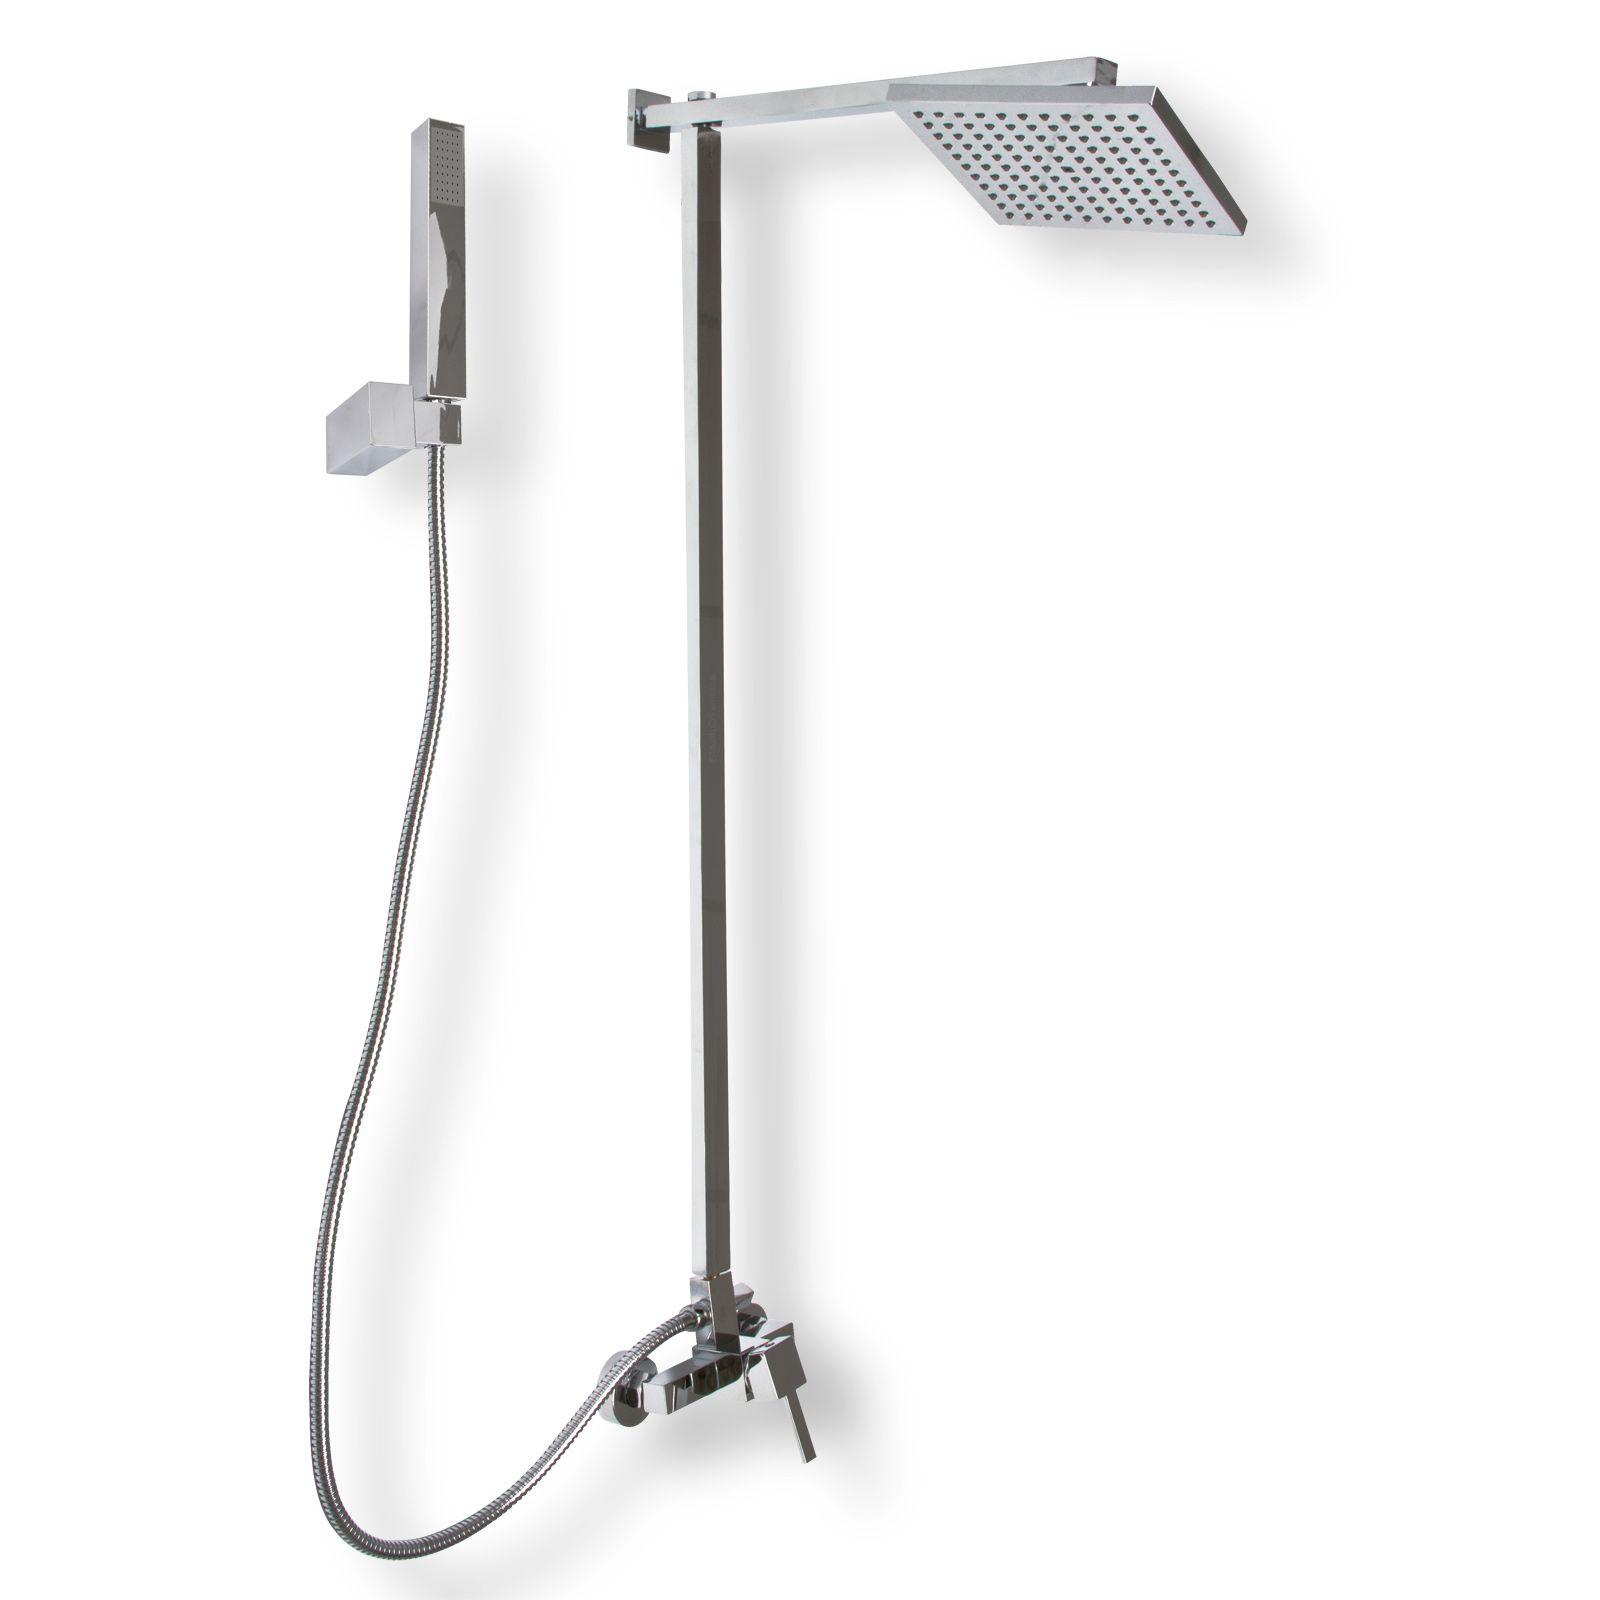 Duschpaneel Maui Duschset Komplettdusche Duschsaule Duschpaneele Regendusche Dusche Duschsystem Mit Duscharmatur Duscharmatu Duschset Duschsaule Duschsysteme